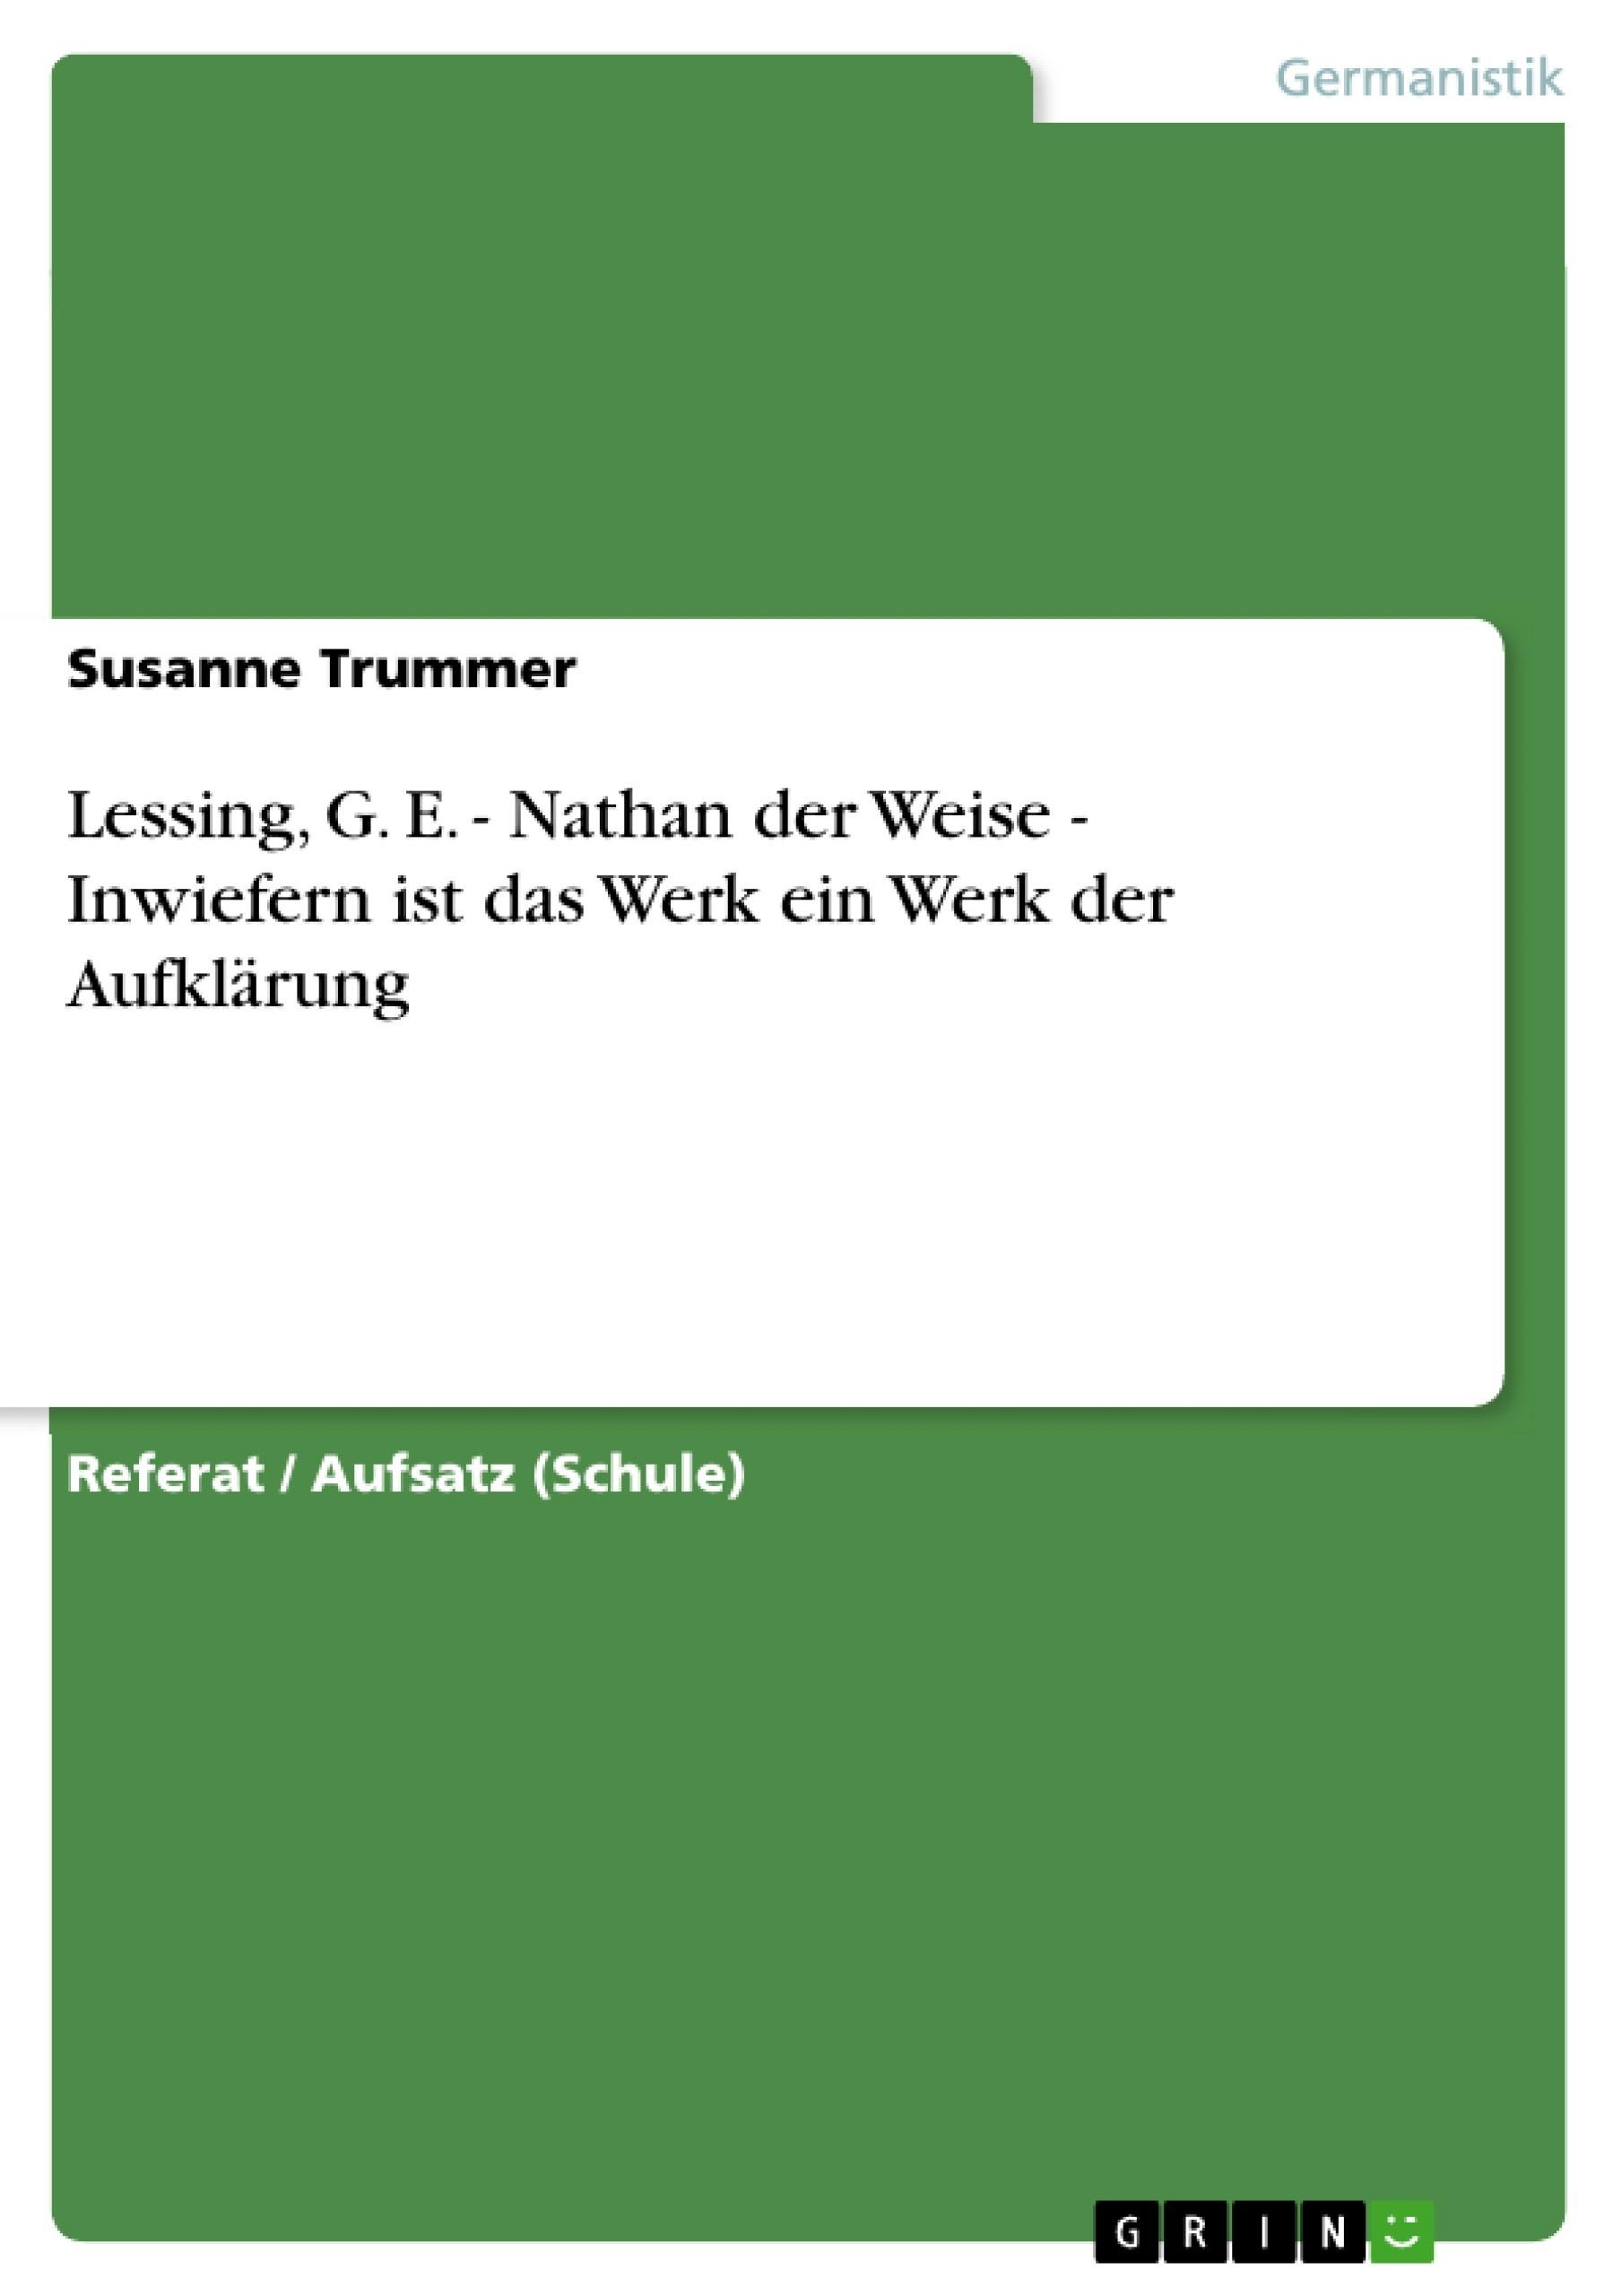 Titel: Lessing, G. E. - Nathan der Weise - Inwiefern ist das Werk ein Werk der Aufklärung